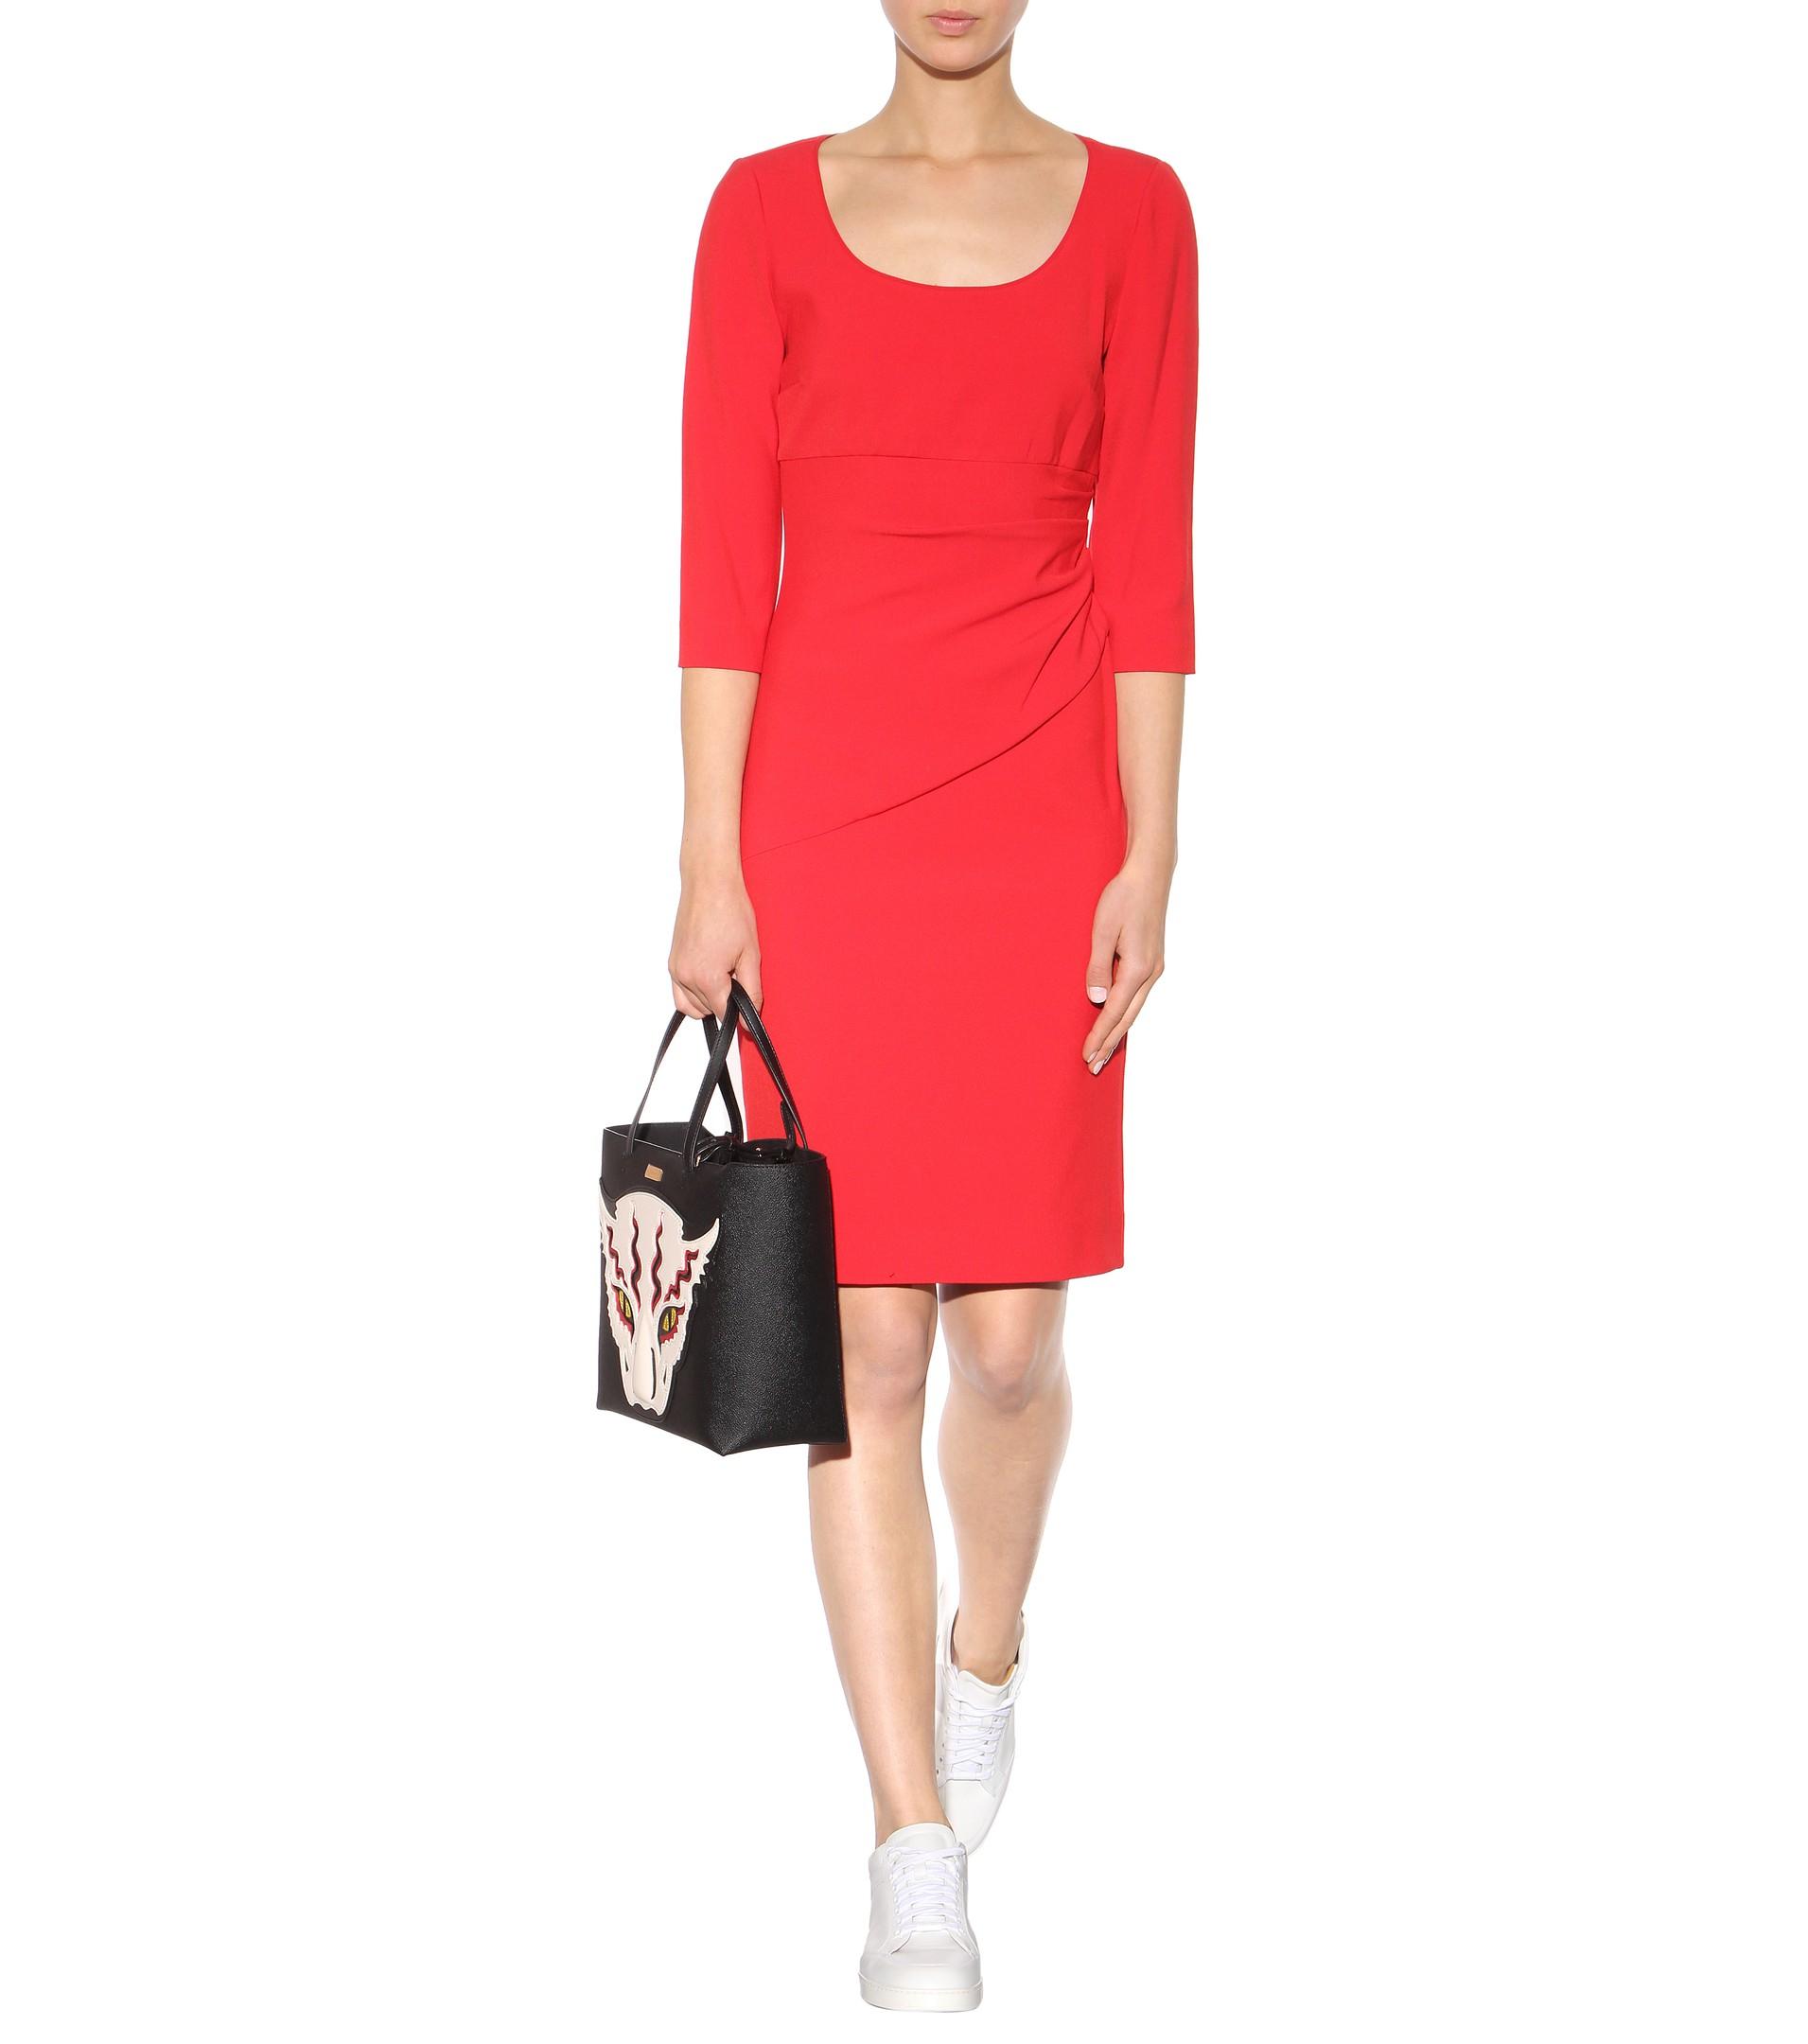 18a418fdec3 Diane von Furstenberg Lillian Dress in Red - Lyst